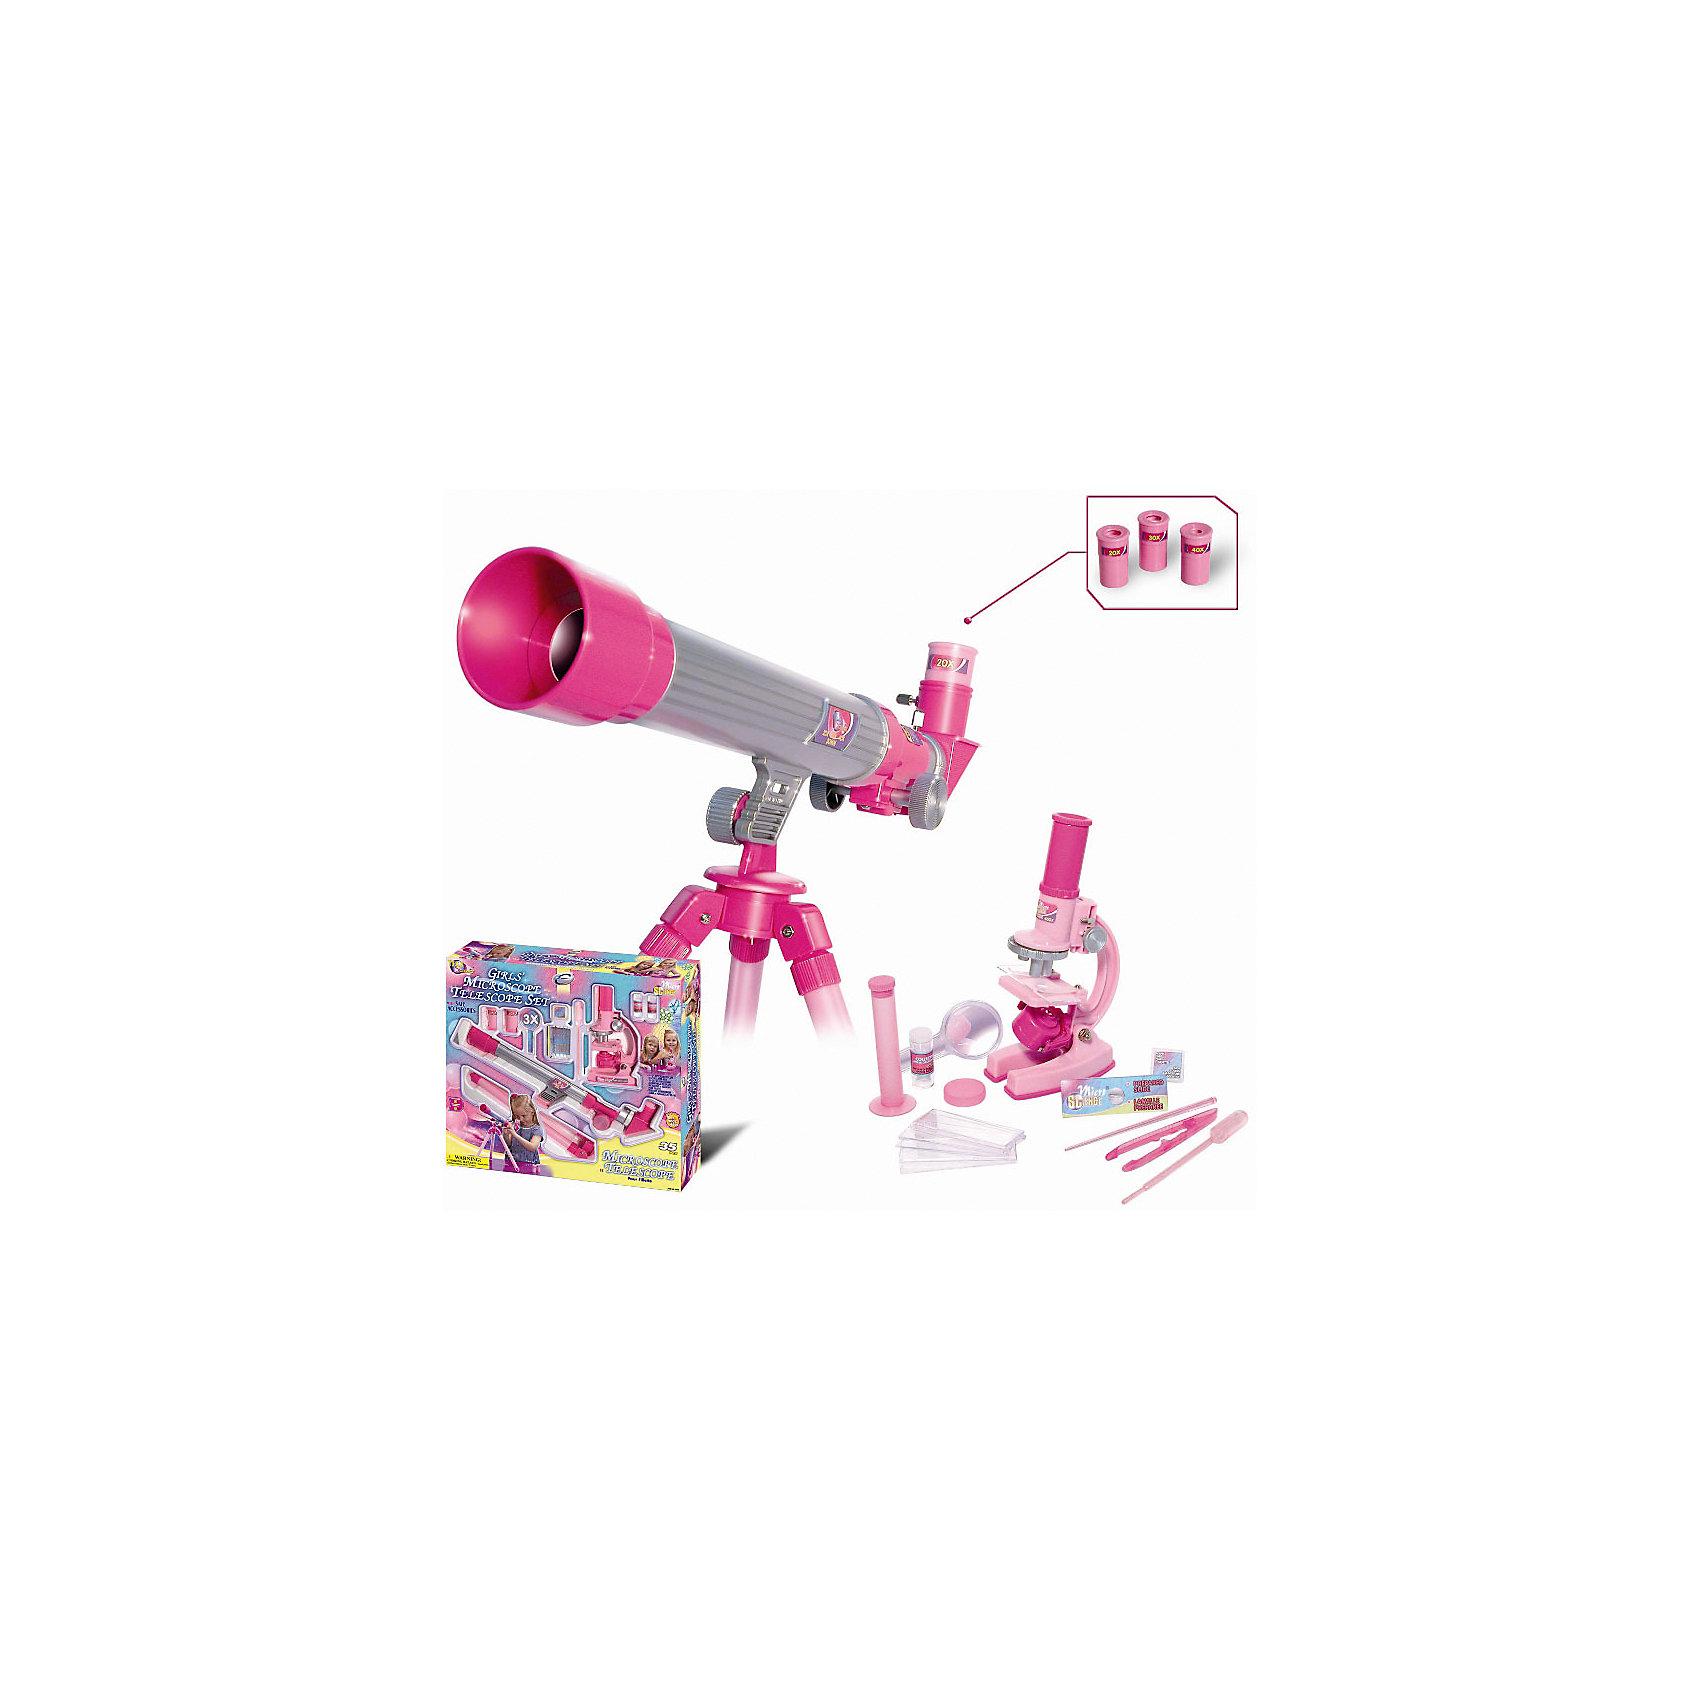 Телескоп и микроскоп для девочек (35 предметов), EastcolightТелескопы<br>Телескоп и микроскоп для девочек (35 предметов) – развивающая игрушка, выполненная в розовом цвете, который должен понравиться юным любительницам естественных наук. <br><br>Микроскоп позволяет получить увеличение 100х, 200х, 450х, телескоп – 20х, 30х, 40х. Диаметр объектива - 30 мм. Фокусное расстояние - 400 мм. Телескоп оснащен штативом, позволяющим изменять угол наклона трубы с объективом. К микроскопу прилагаются принадлежности для исследований. Требуются батарейки (в комплект не входят).<br><br>Бренд: Eastcolight<br>Вес: 1,250 г<br>Инд. упаковка: коробка<br>Материал: пластик, стекло<br>Размеры ДхВхШ: 43,8 х 7,6 х 39,5<br><br>Ширина мм: 395<br>Глубина мм: 76<br>Высота мм: 438<br>Вес г: 1250<br>Возраст от месяцев: 96<br>Возраст до месяцев: 192<br>Пол: Женский<br>Возраст: Детский<br>SKU: 5011466